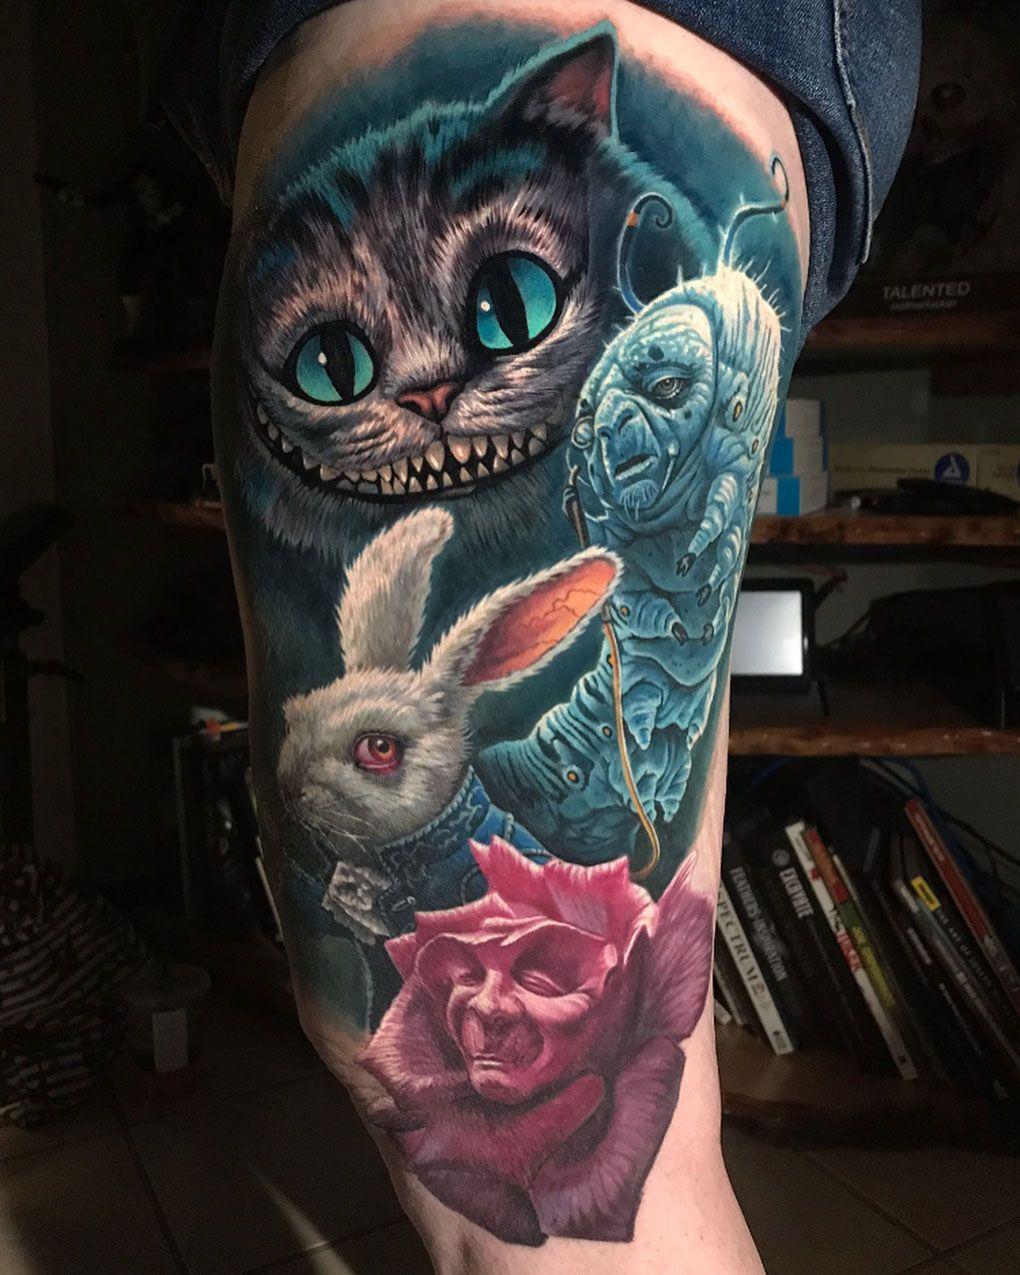 Alice In Wonderland Thigh Tattoo Best Tattoo Design Ideas Wonderland Tattoo Alice And Wonderland Tattoos Disney Tattoos